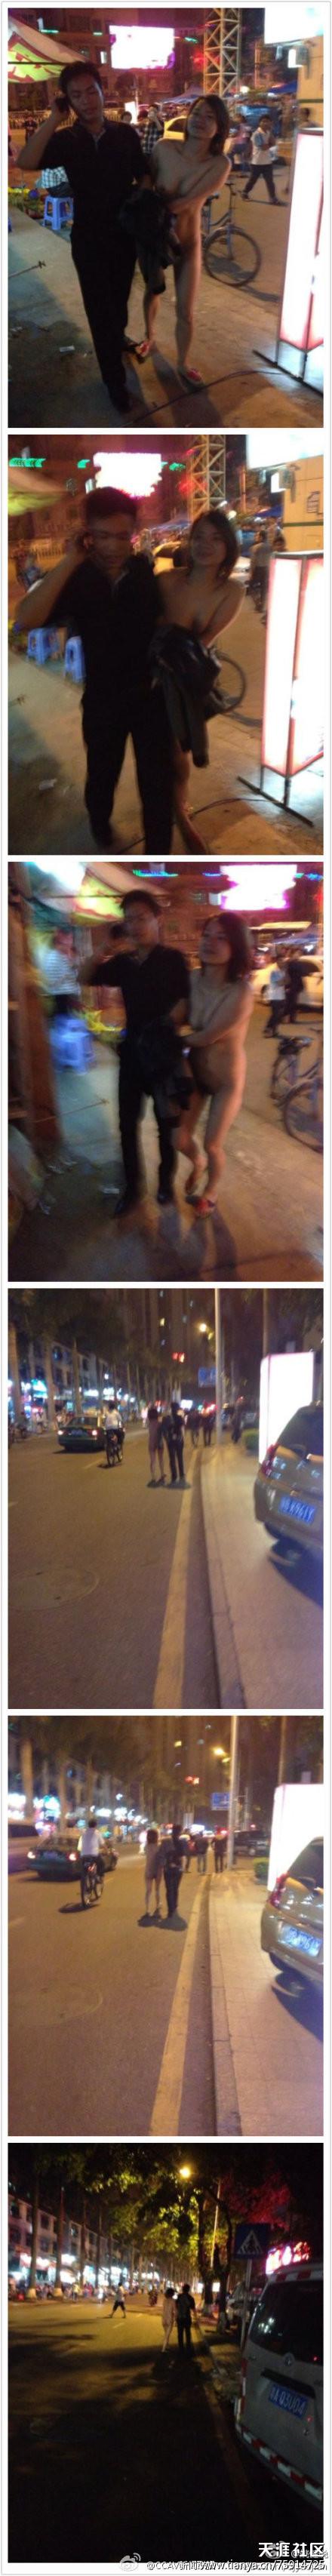 美女裸体陪帅哥逛街